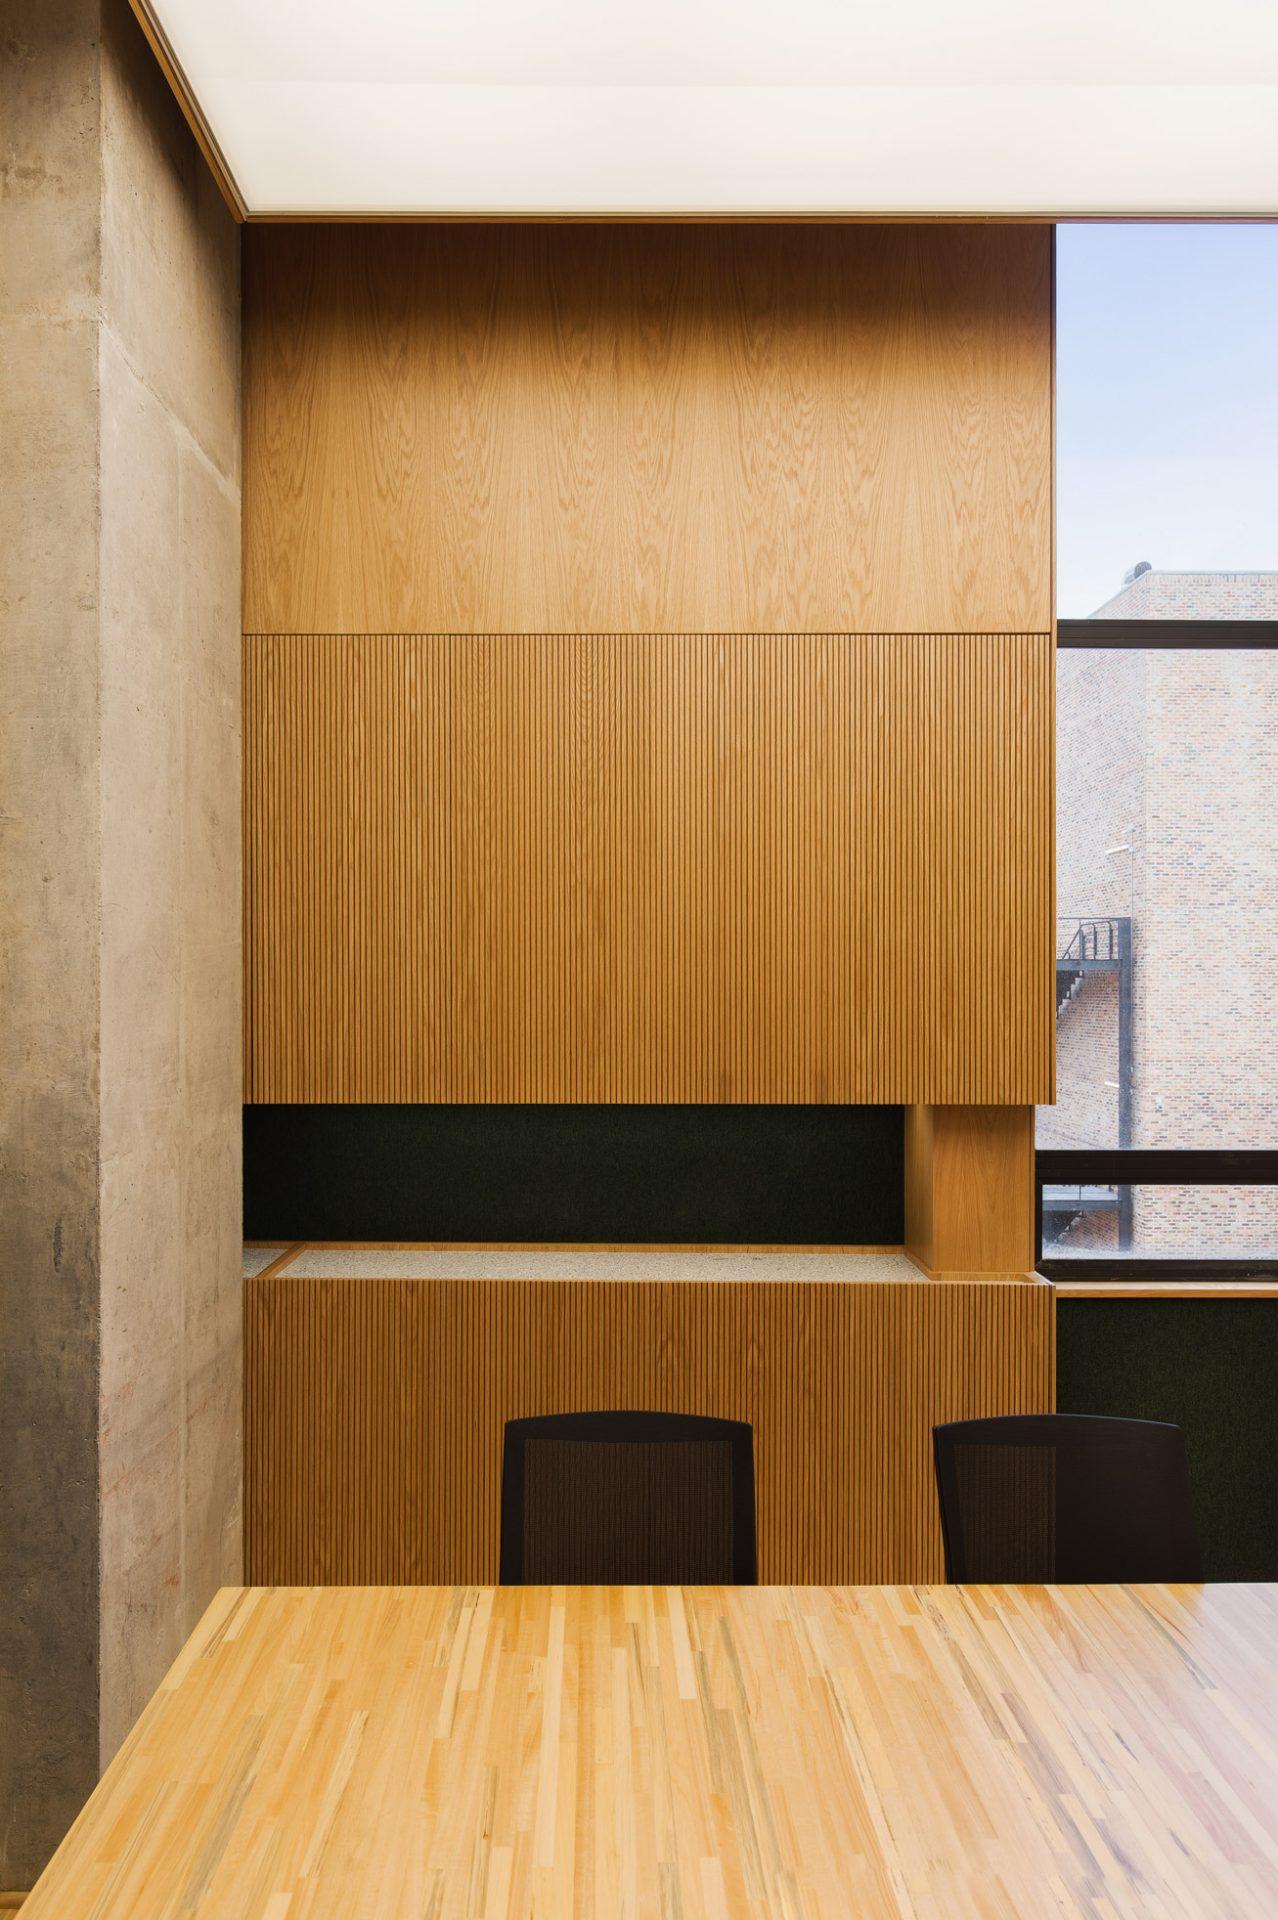 01.regugio.arquitectura.simon.bosch.photography.interior.bogota